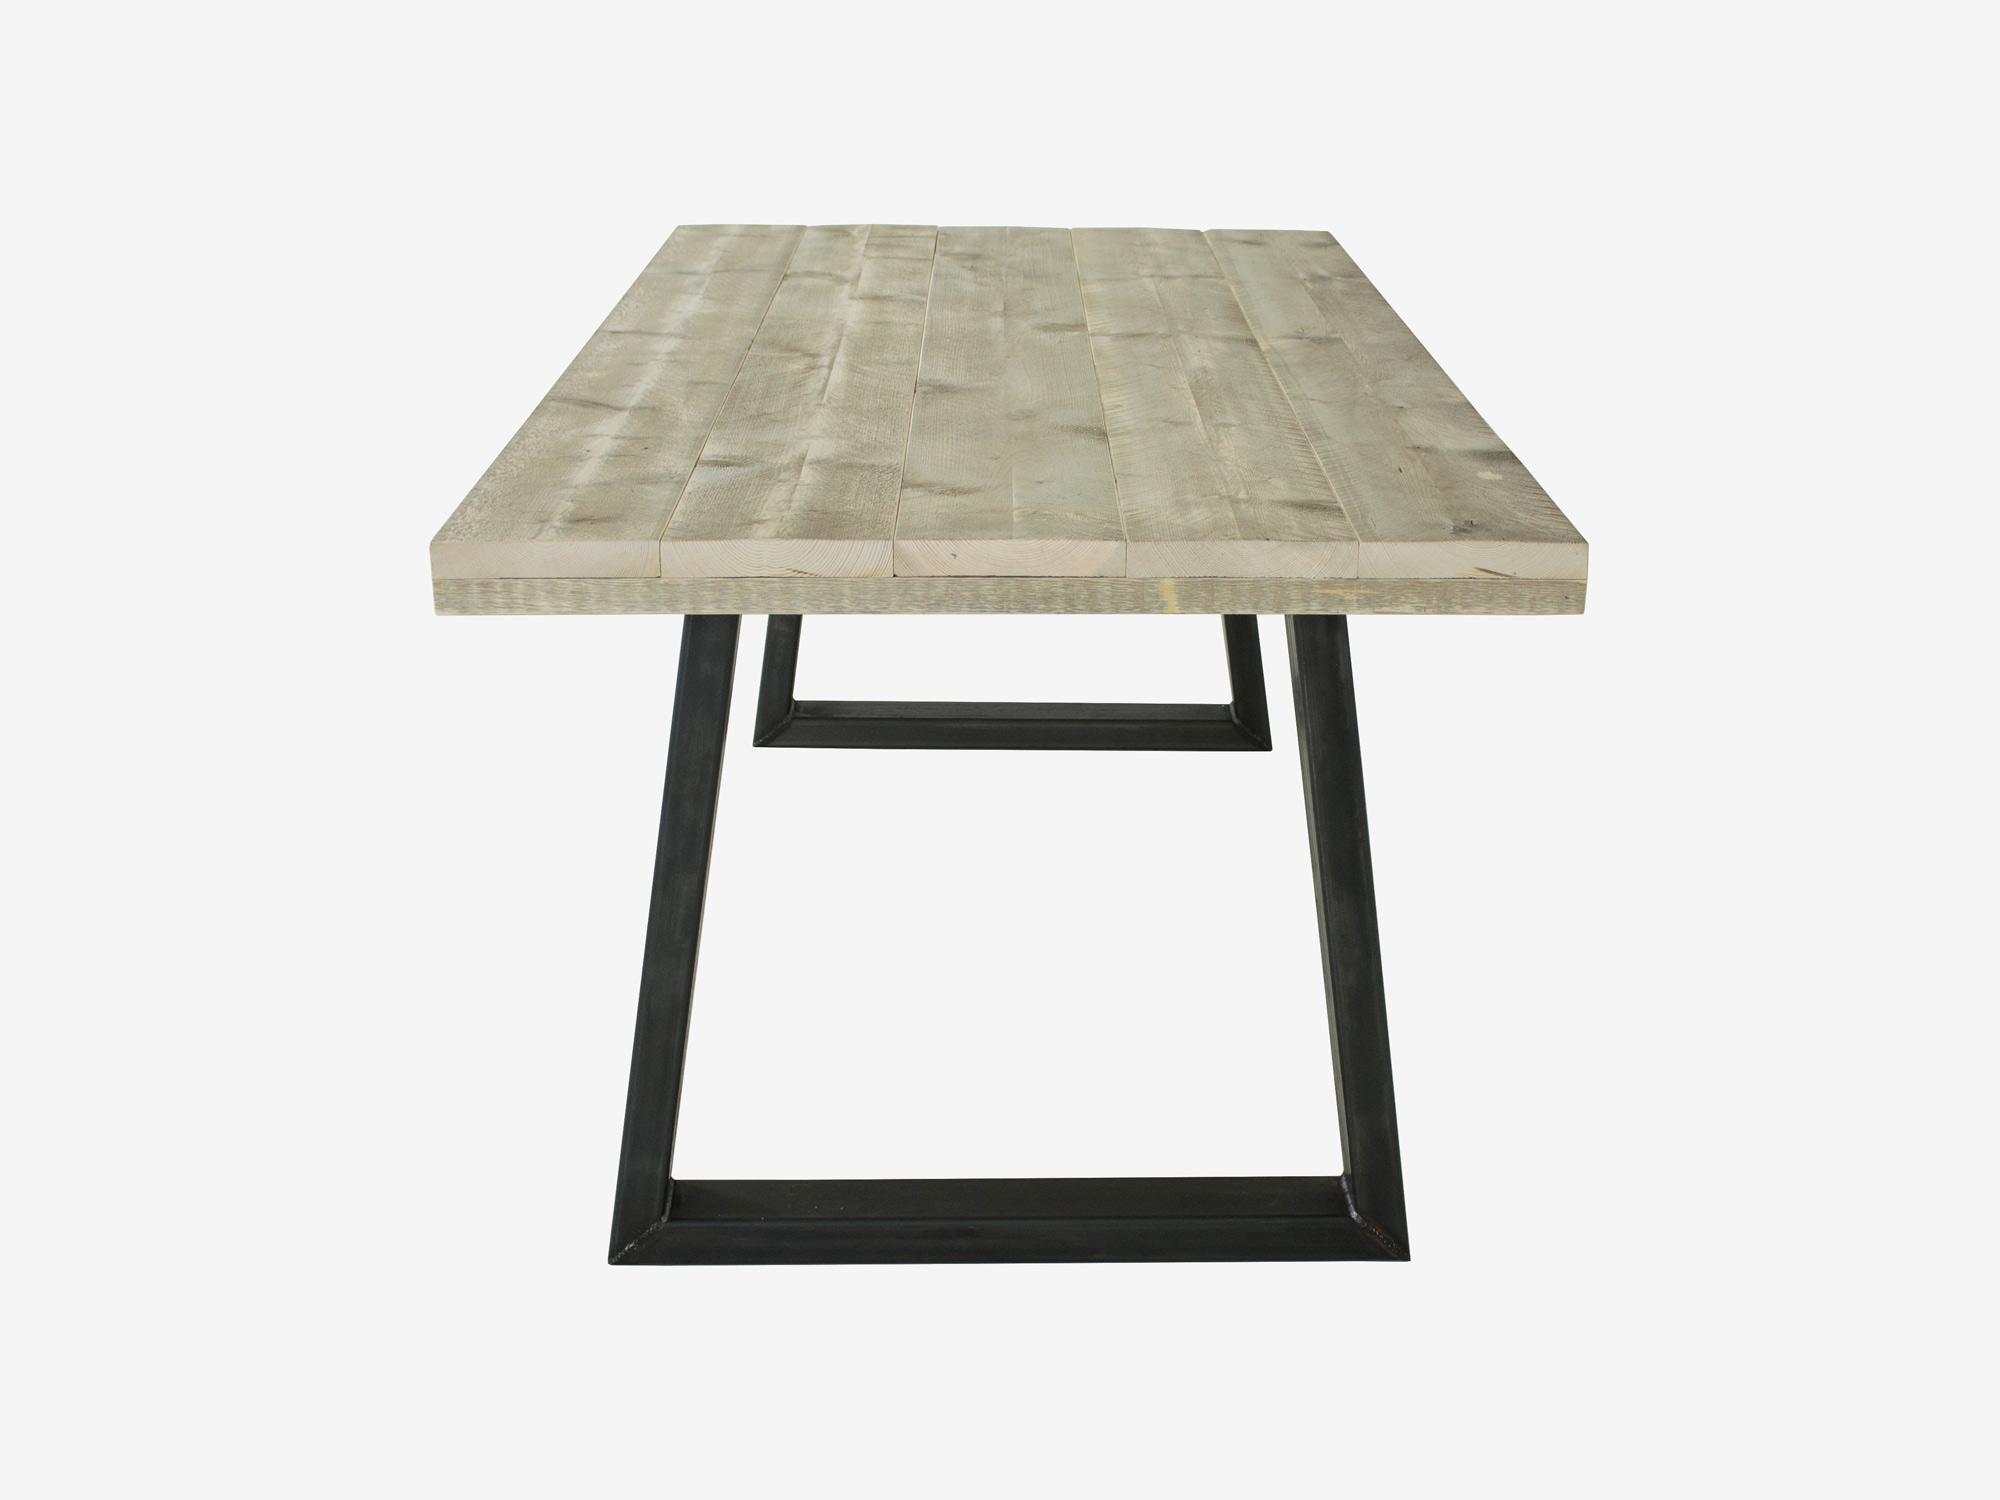 Industri le tafel met stalen trapeze poten by f rn for Stalen onderstel tafel laten maken